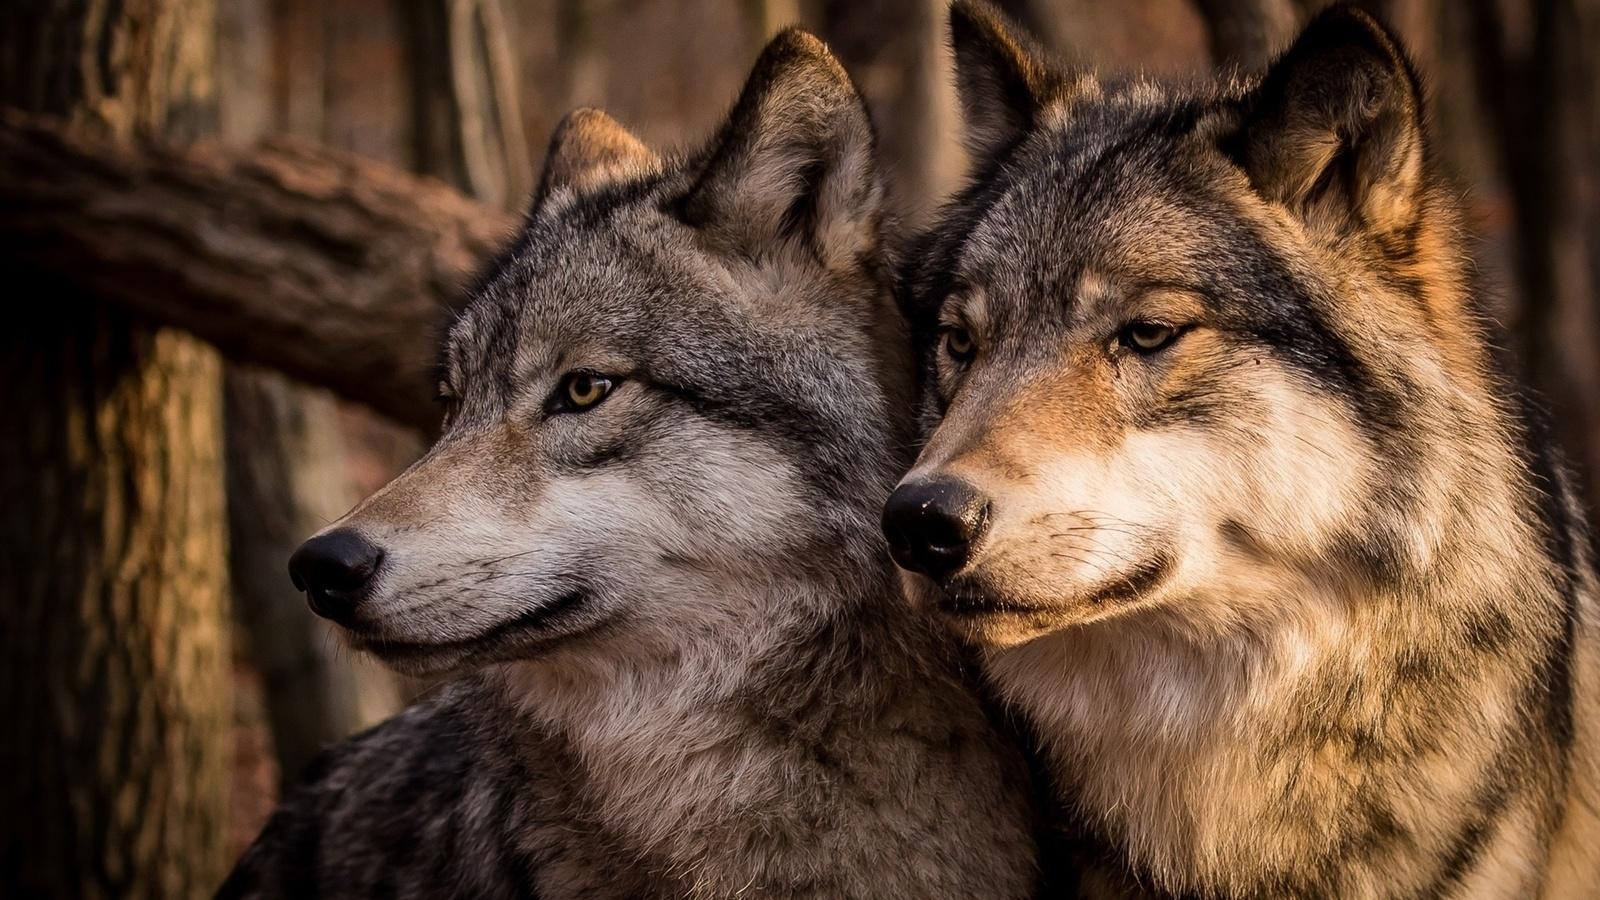 отделочный картинки волк высокое разрешение описании